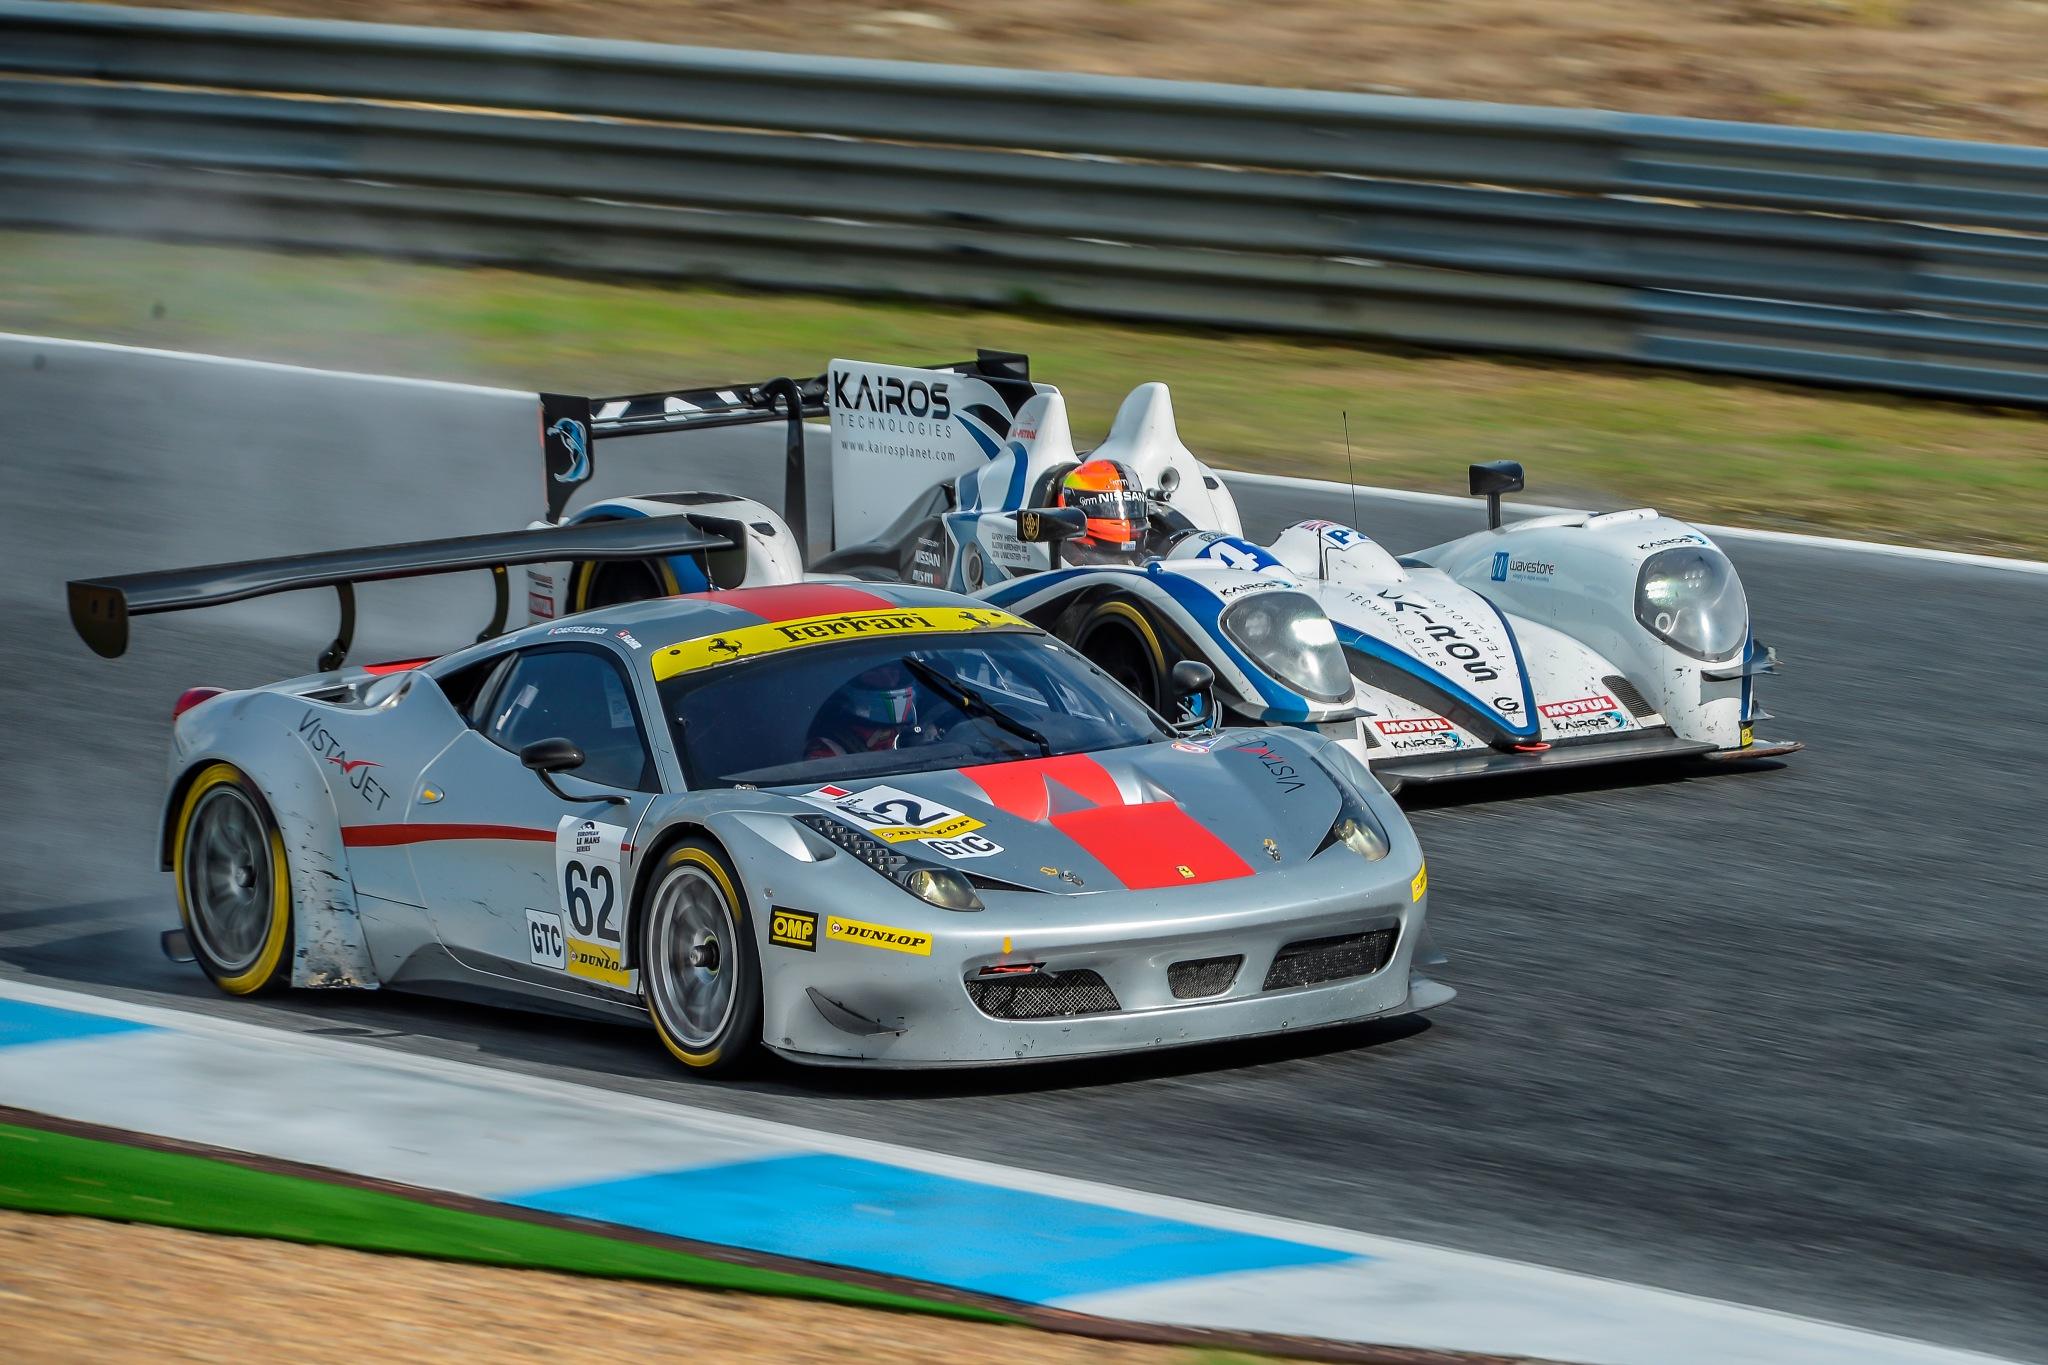 Le Mans Series - Estoril by FernandoLopes